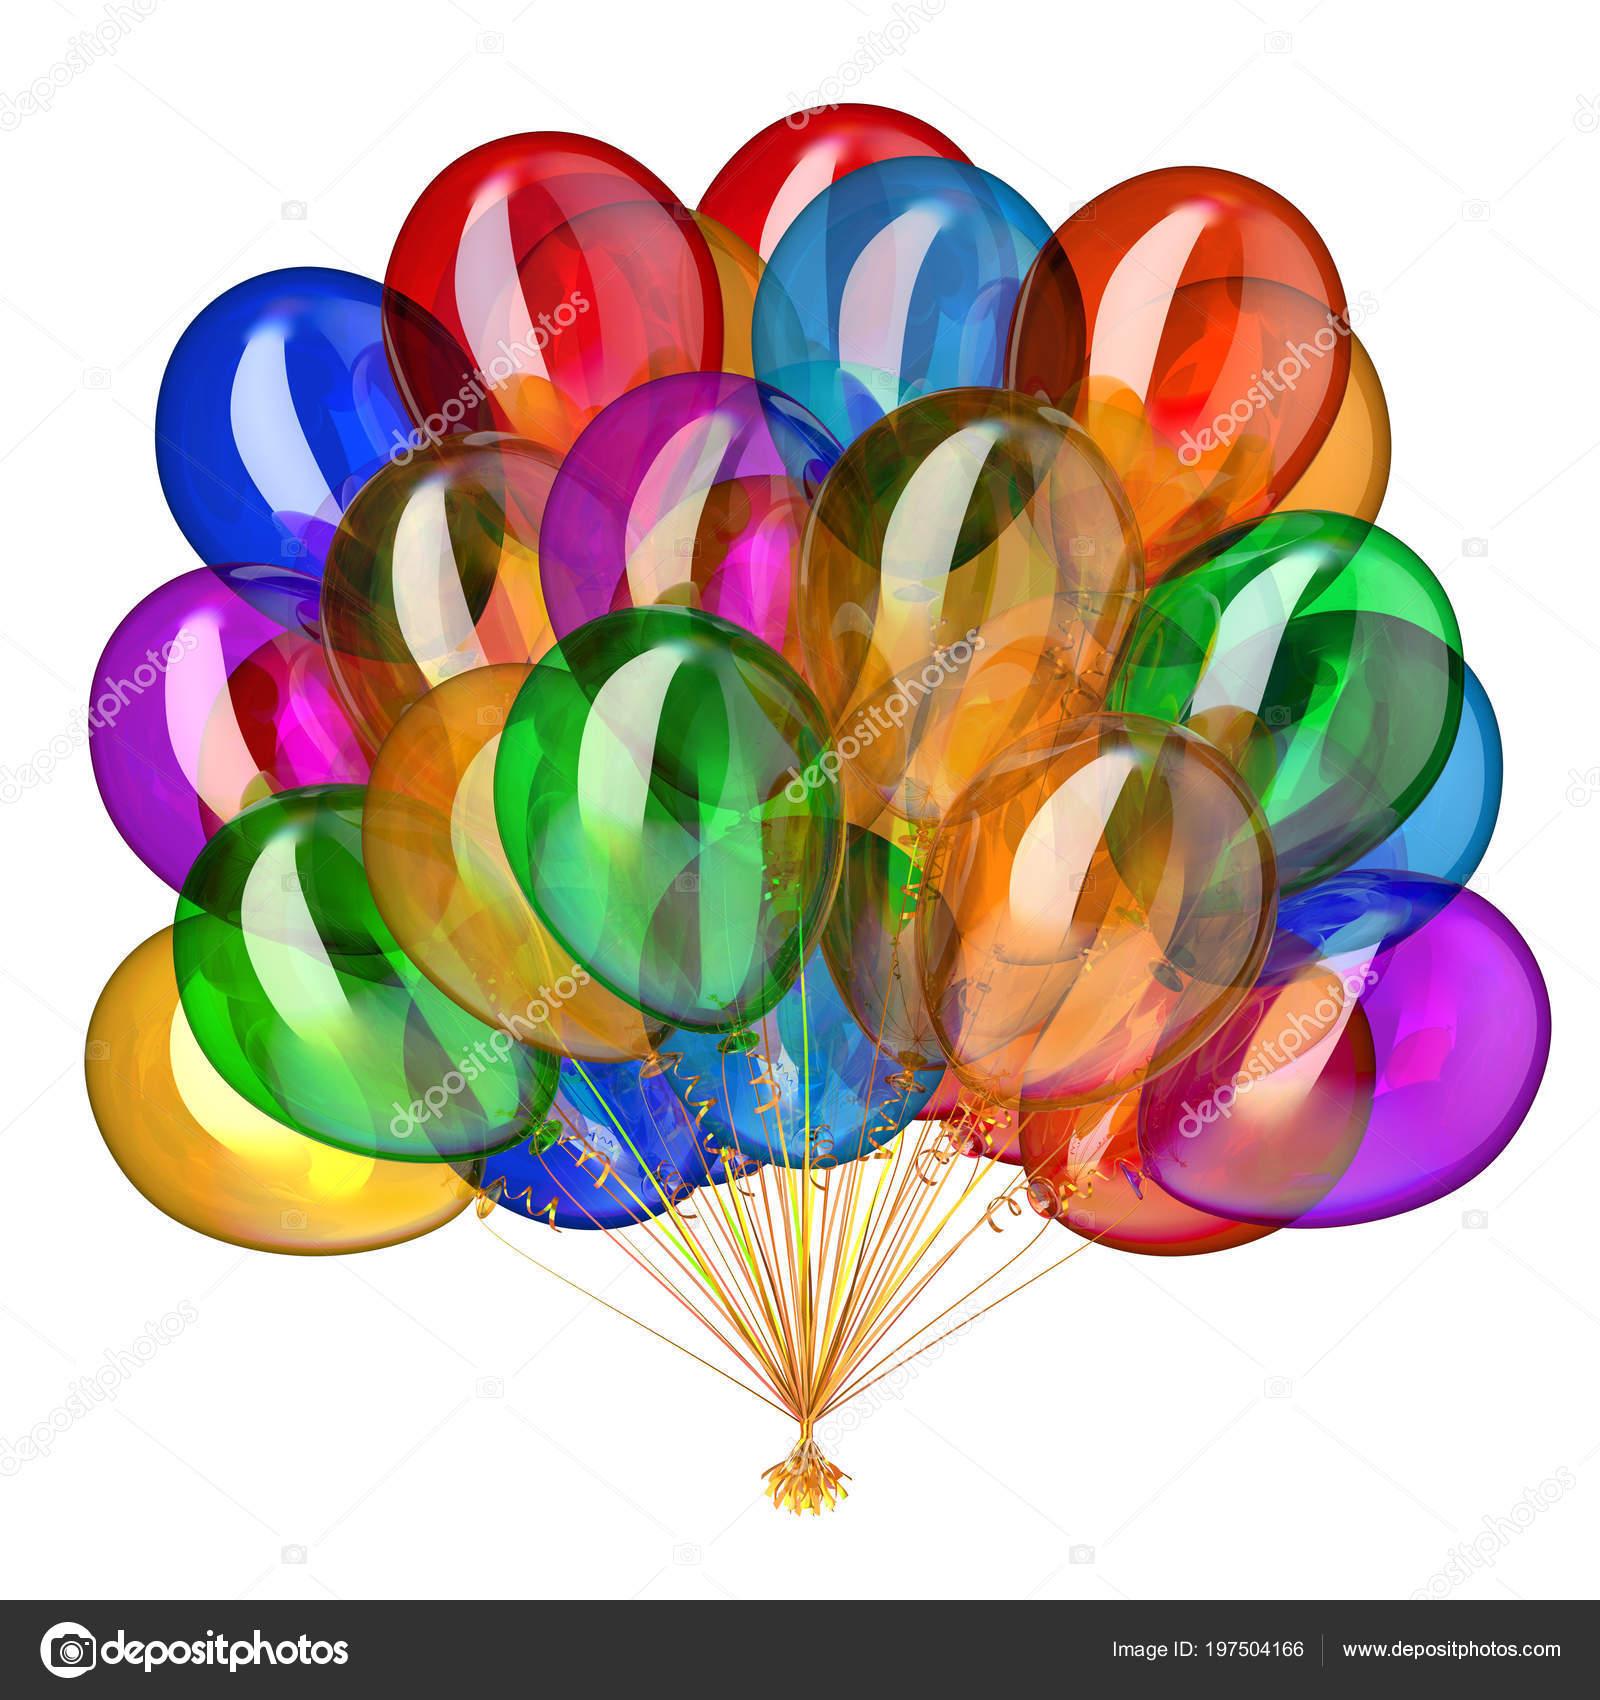 Wielobarwny Balony Party Dekoracje Urodzinowe Kolorowe Balonu Helem